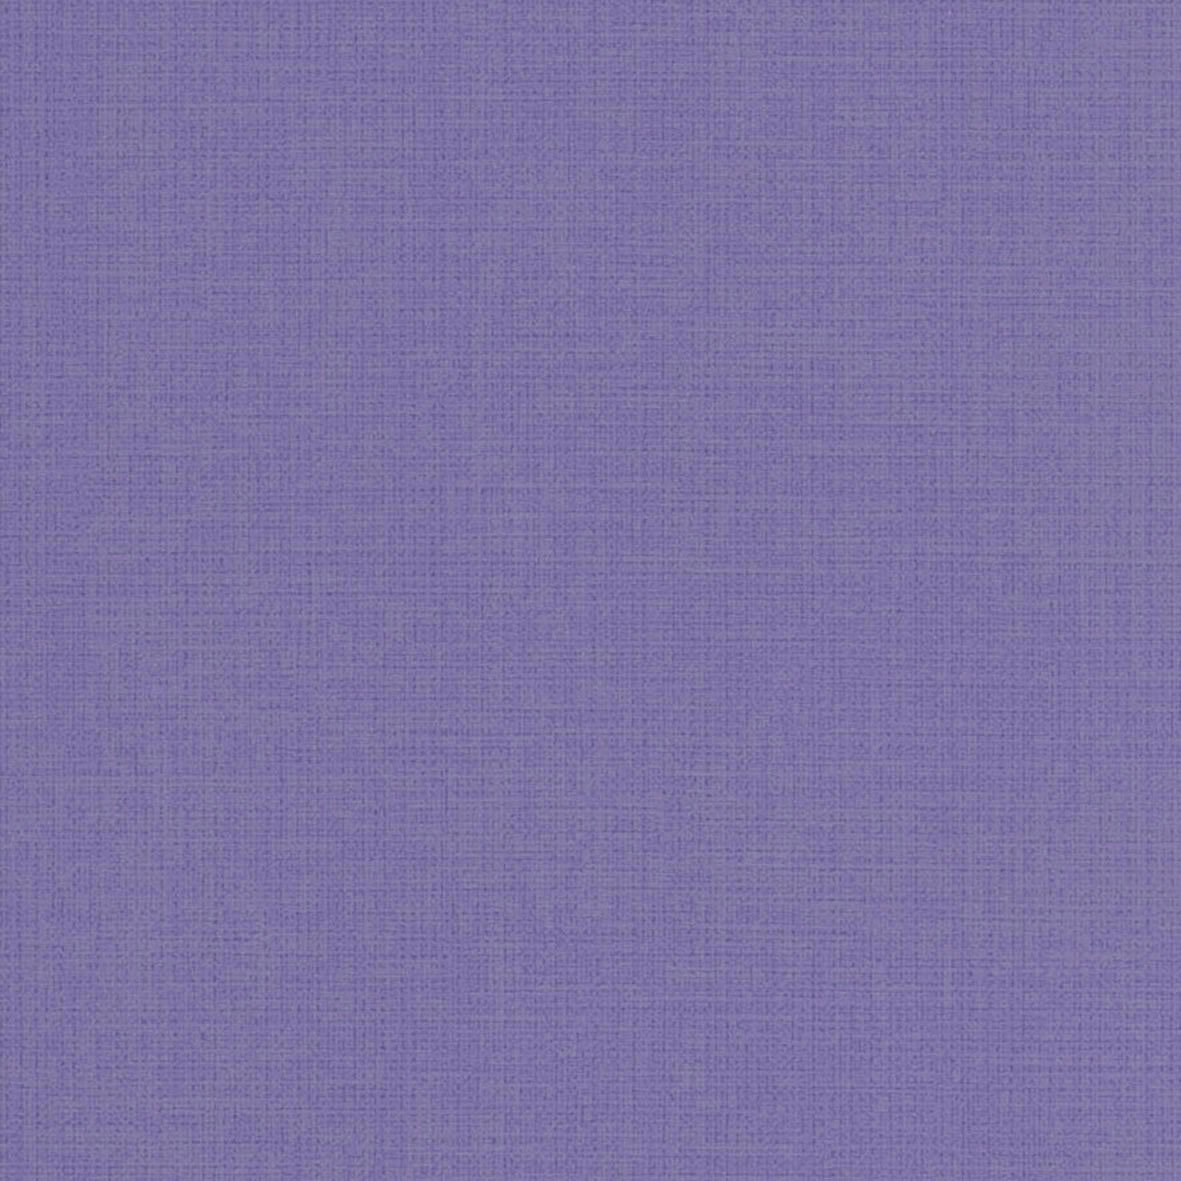 リリカラ 壁紙19m シンフル 無地 ブルー LL-8726 B01N3SZVFF 19m,ブルー4